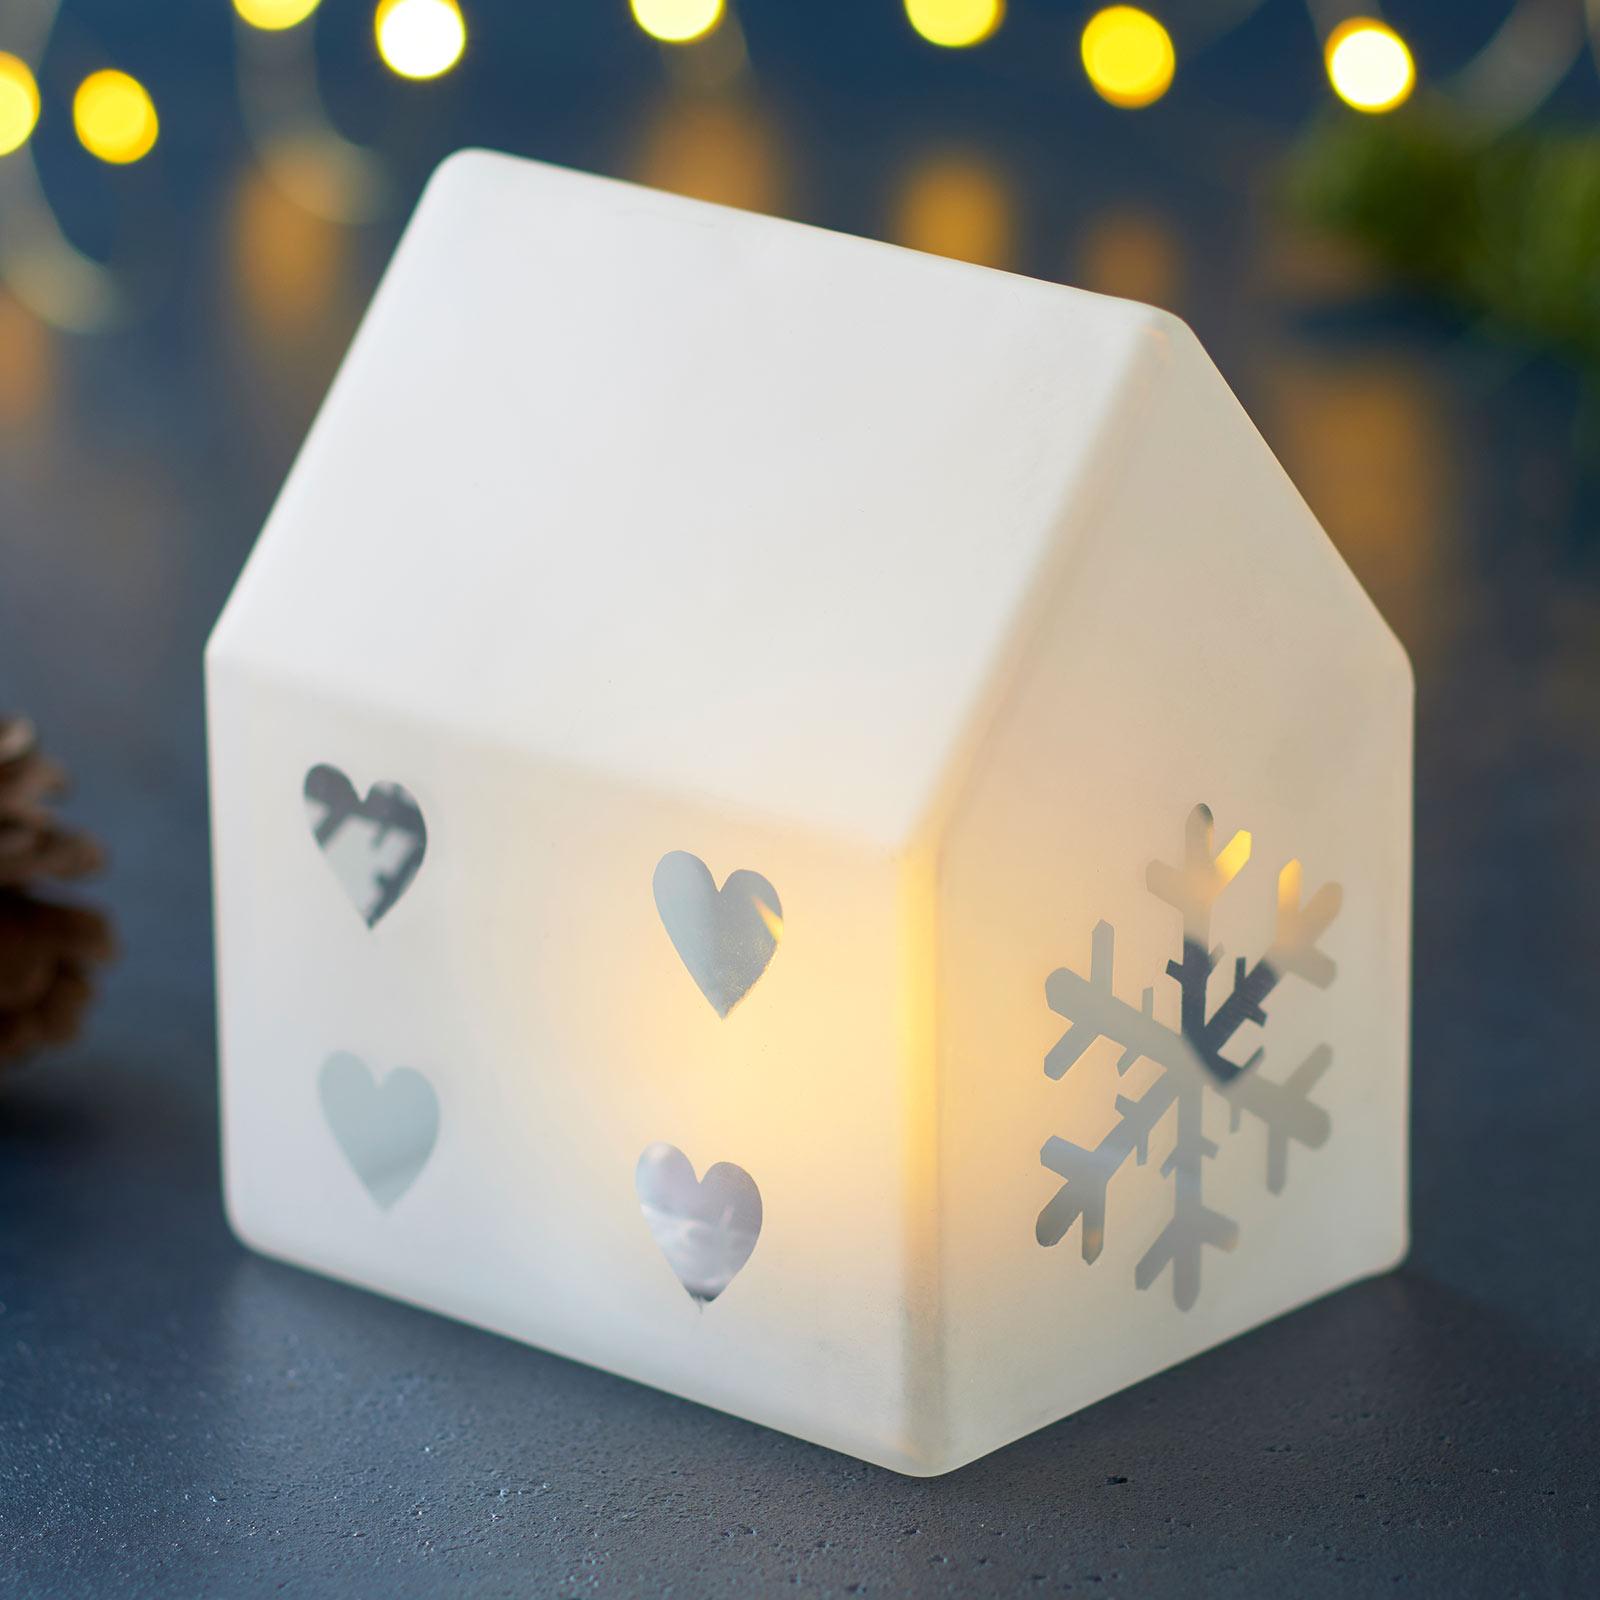 LED sfeerlamp Santa House, hoogte 11,5 cm